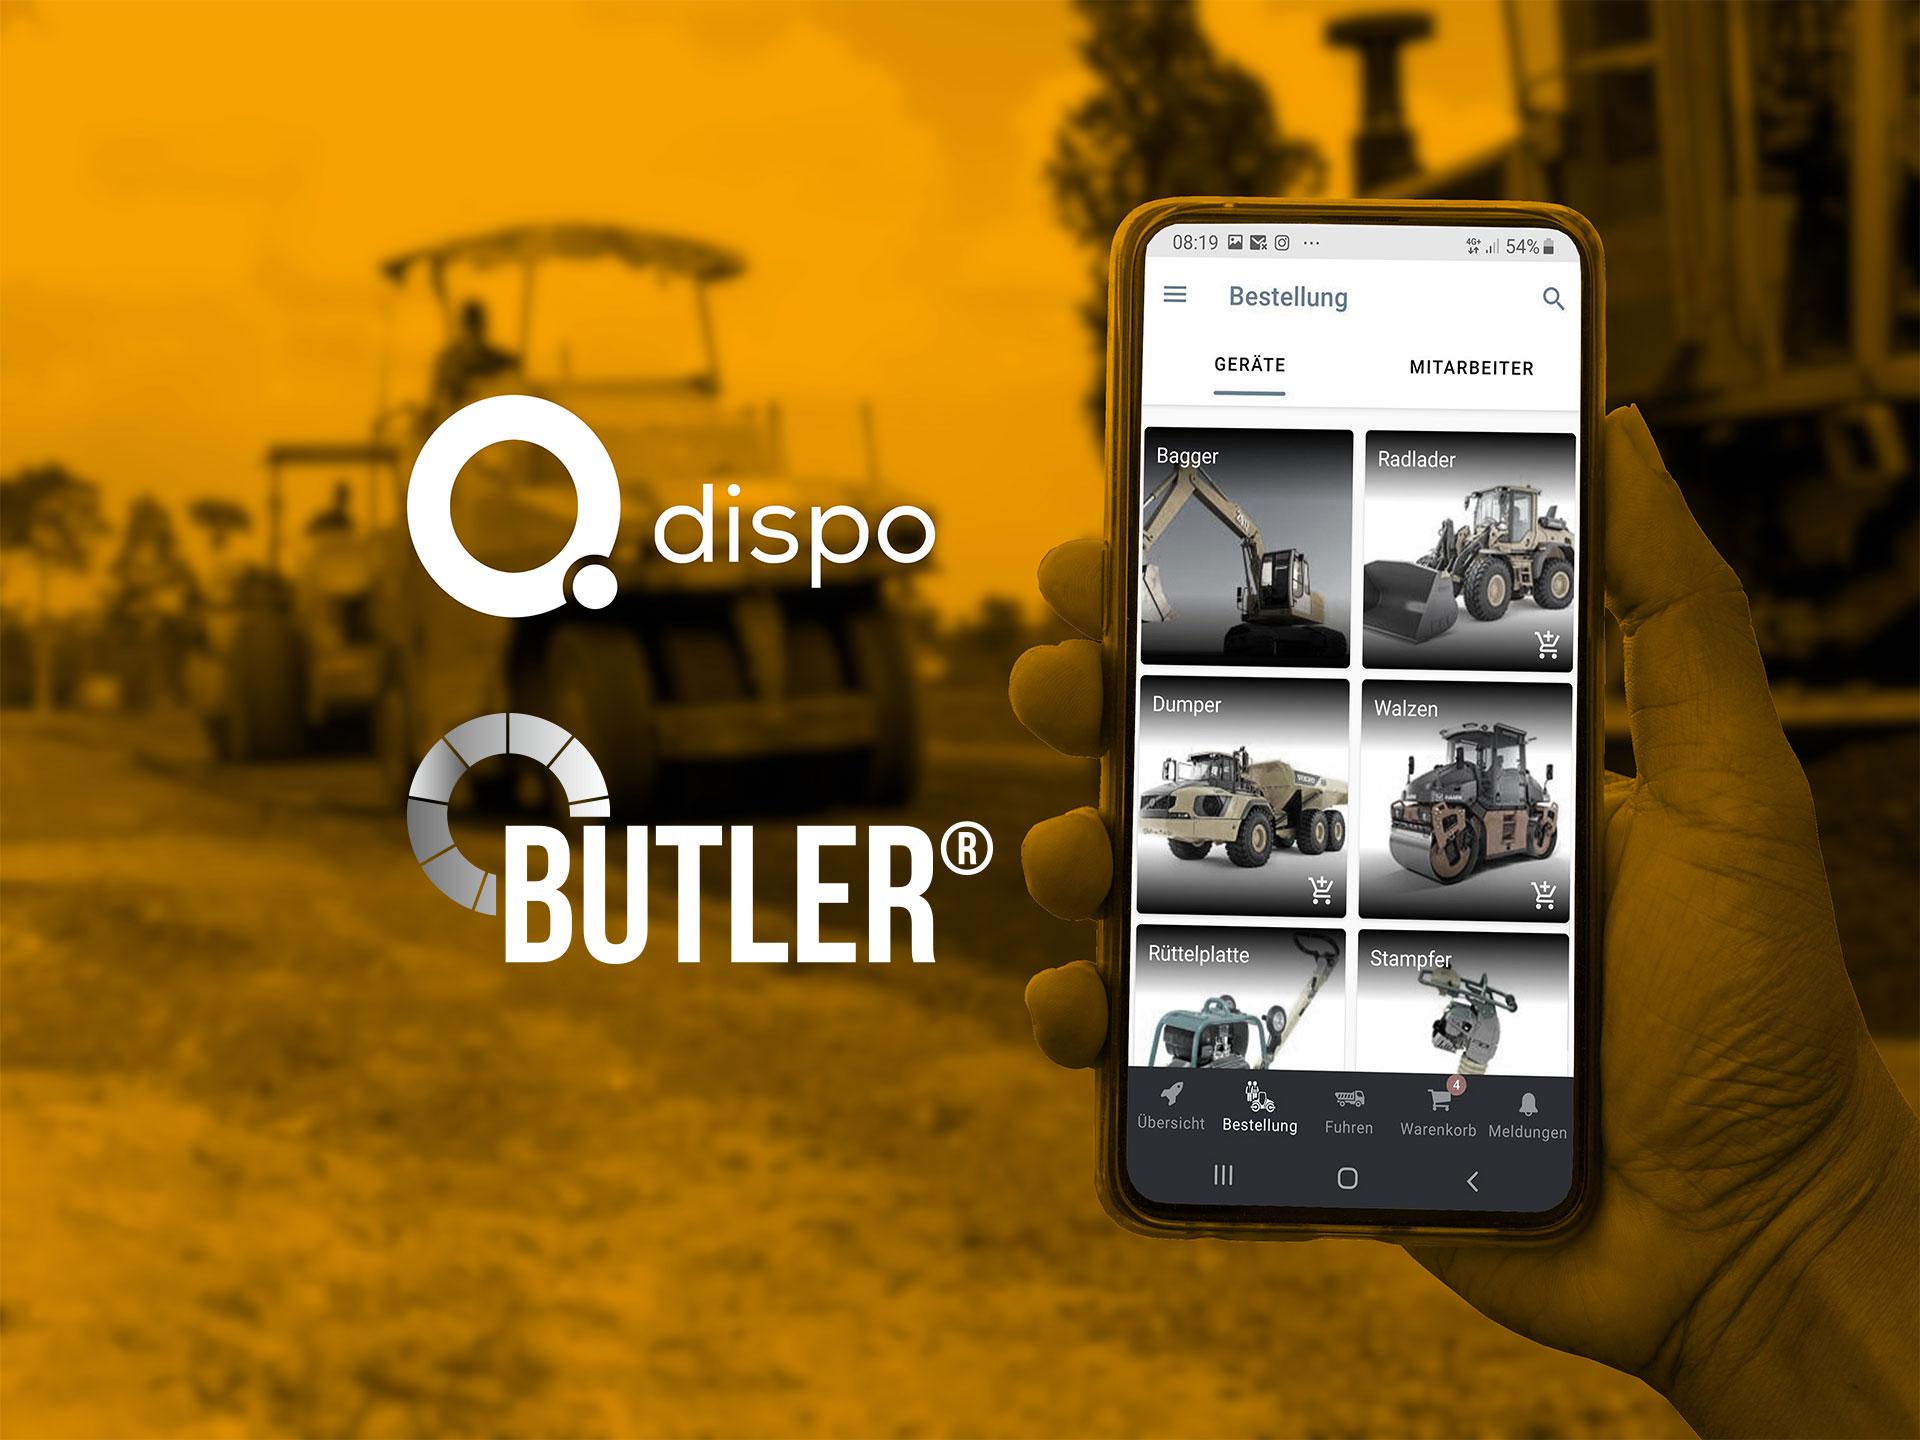 Der Butler® und die Q Dispo sind vernetzt